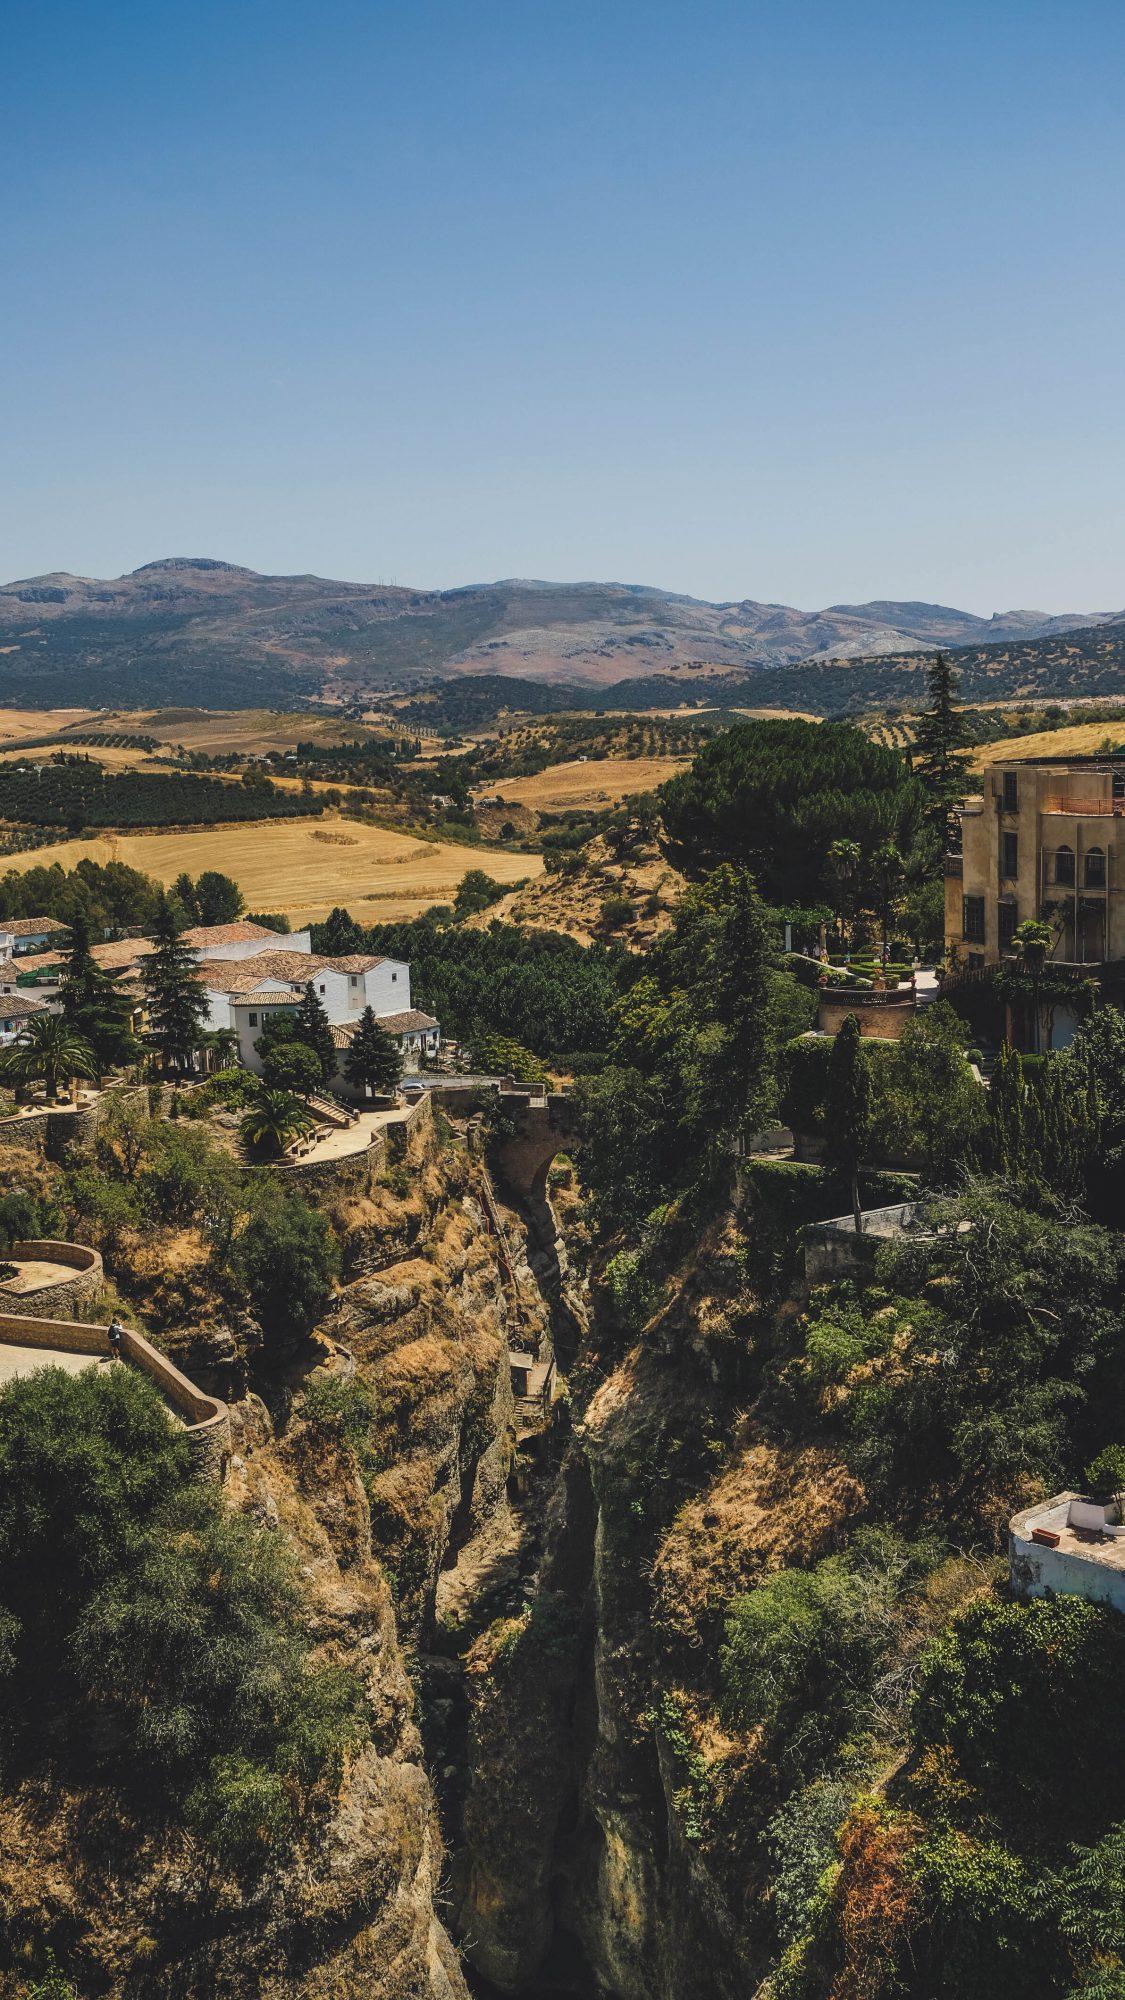 Vue sur le vieux pont - Ronda, Espagne